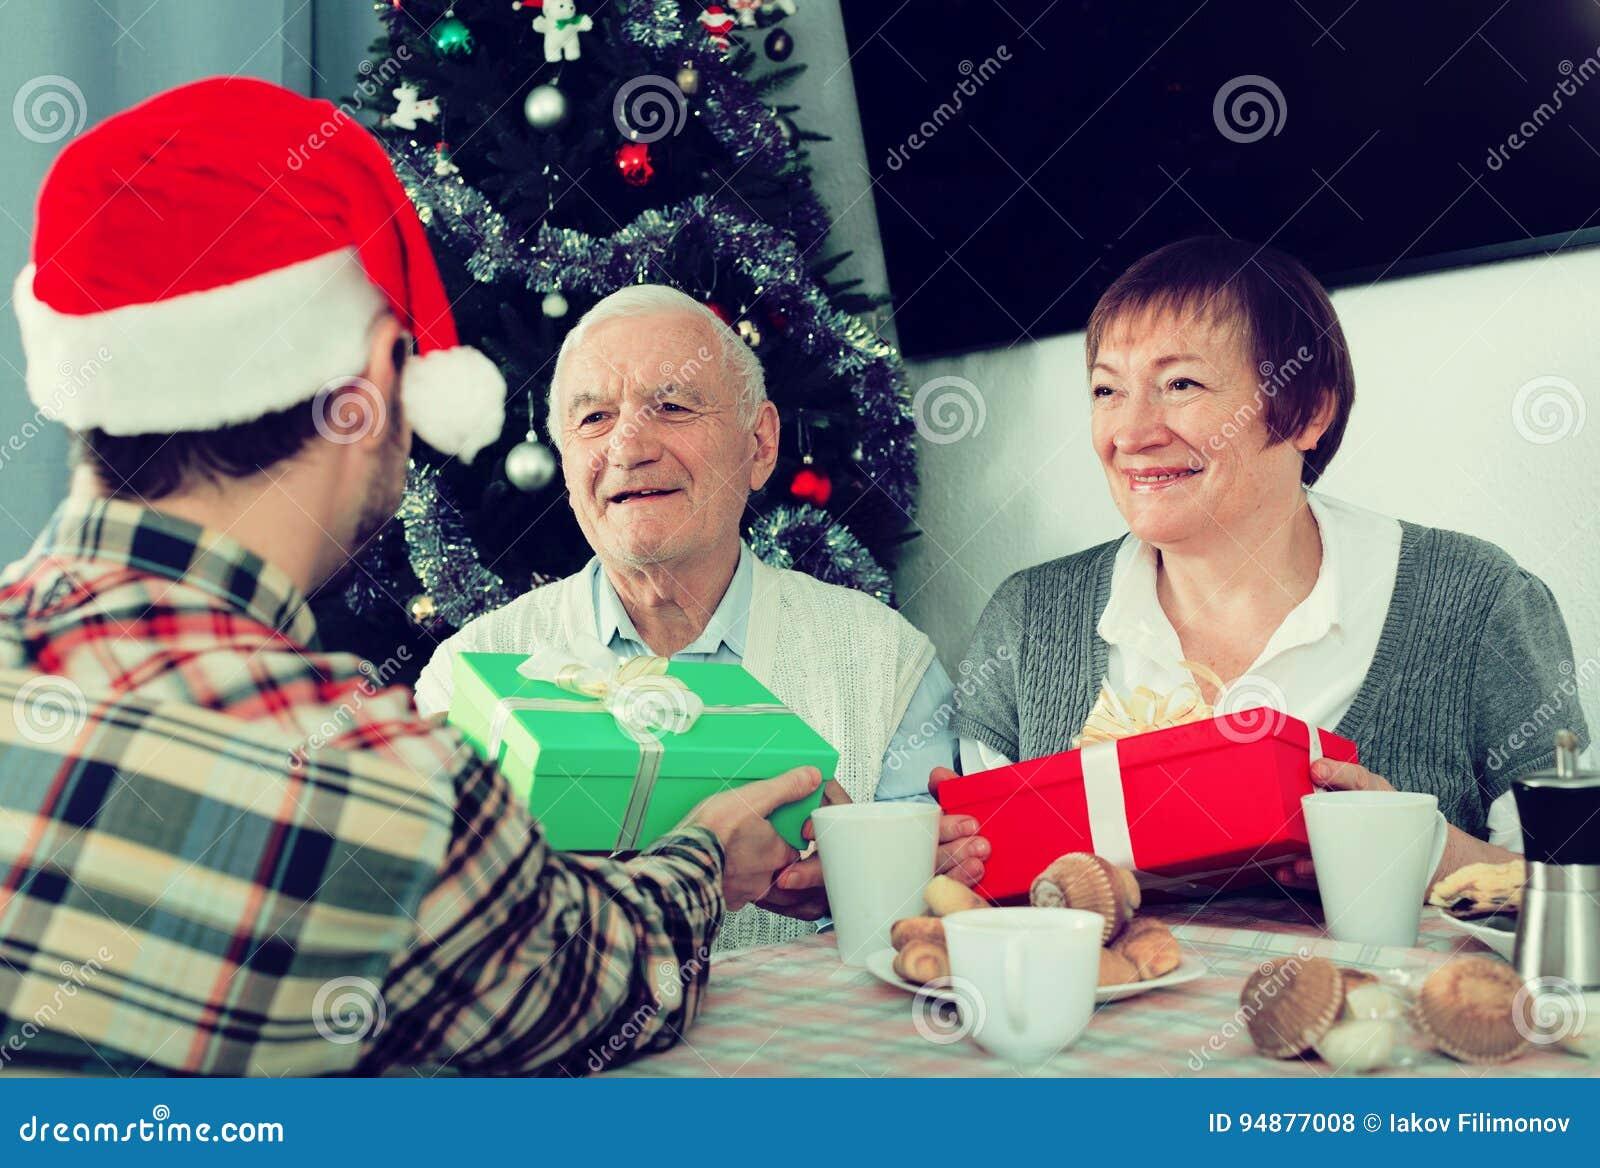 Familie Gibt Weihnachtsgeschenke Stockfoto - Bild von geben, ehemann ...